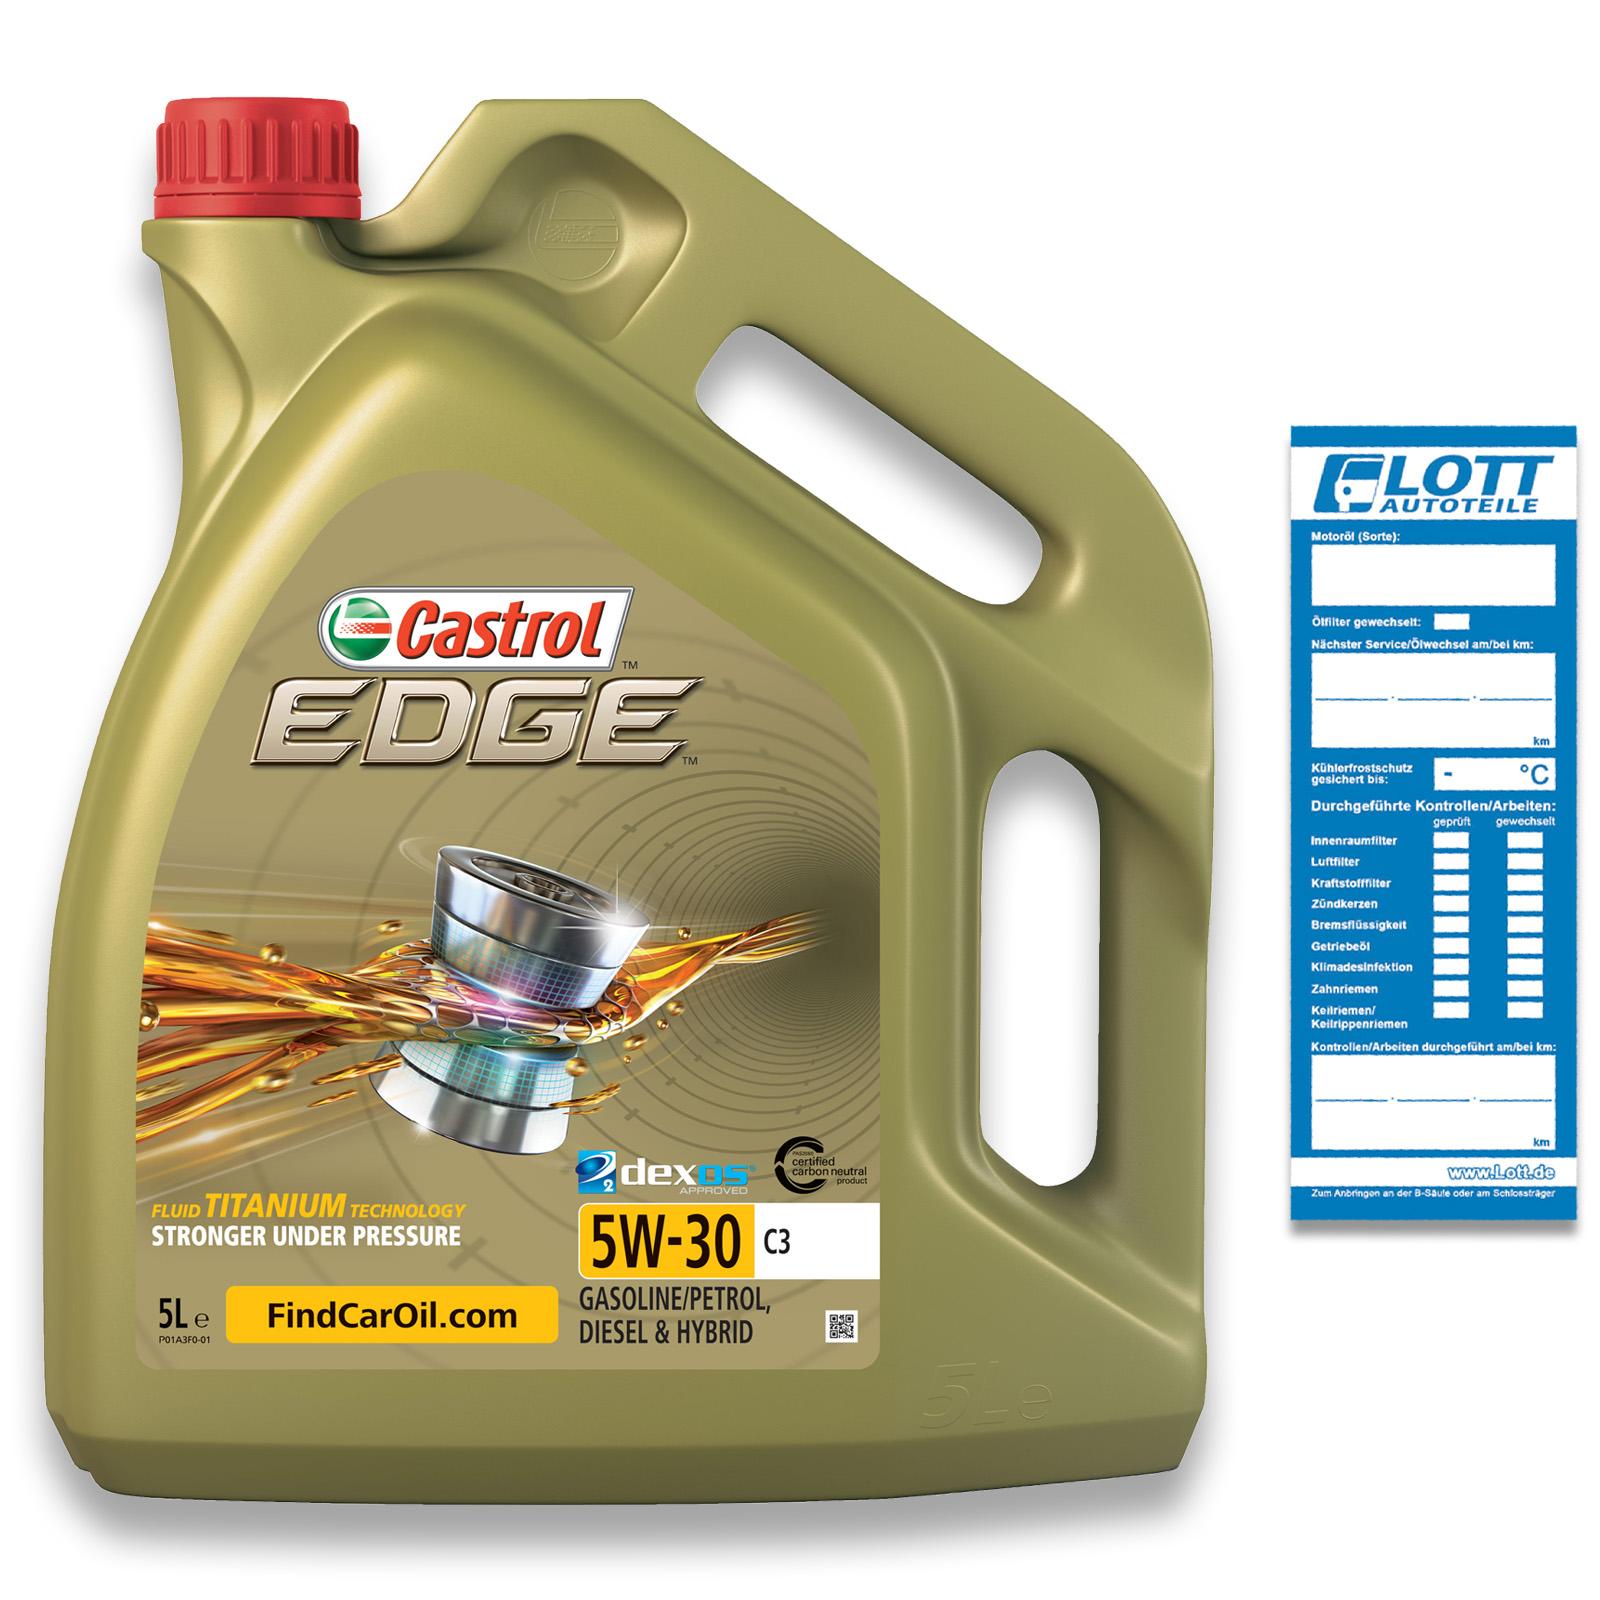 CASTROL Motoröl EDGE 5W-30 5L